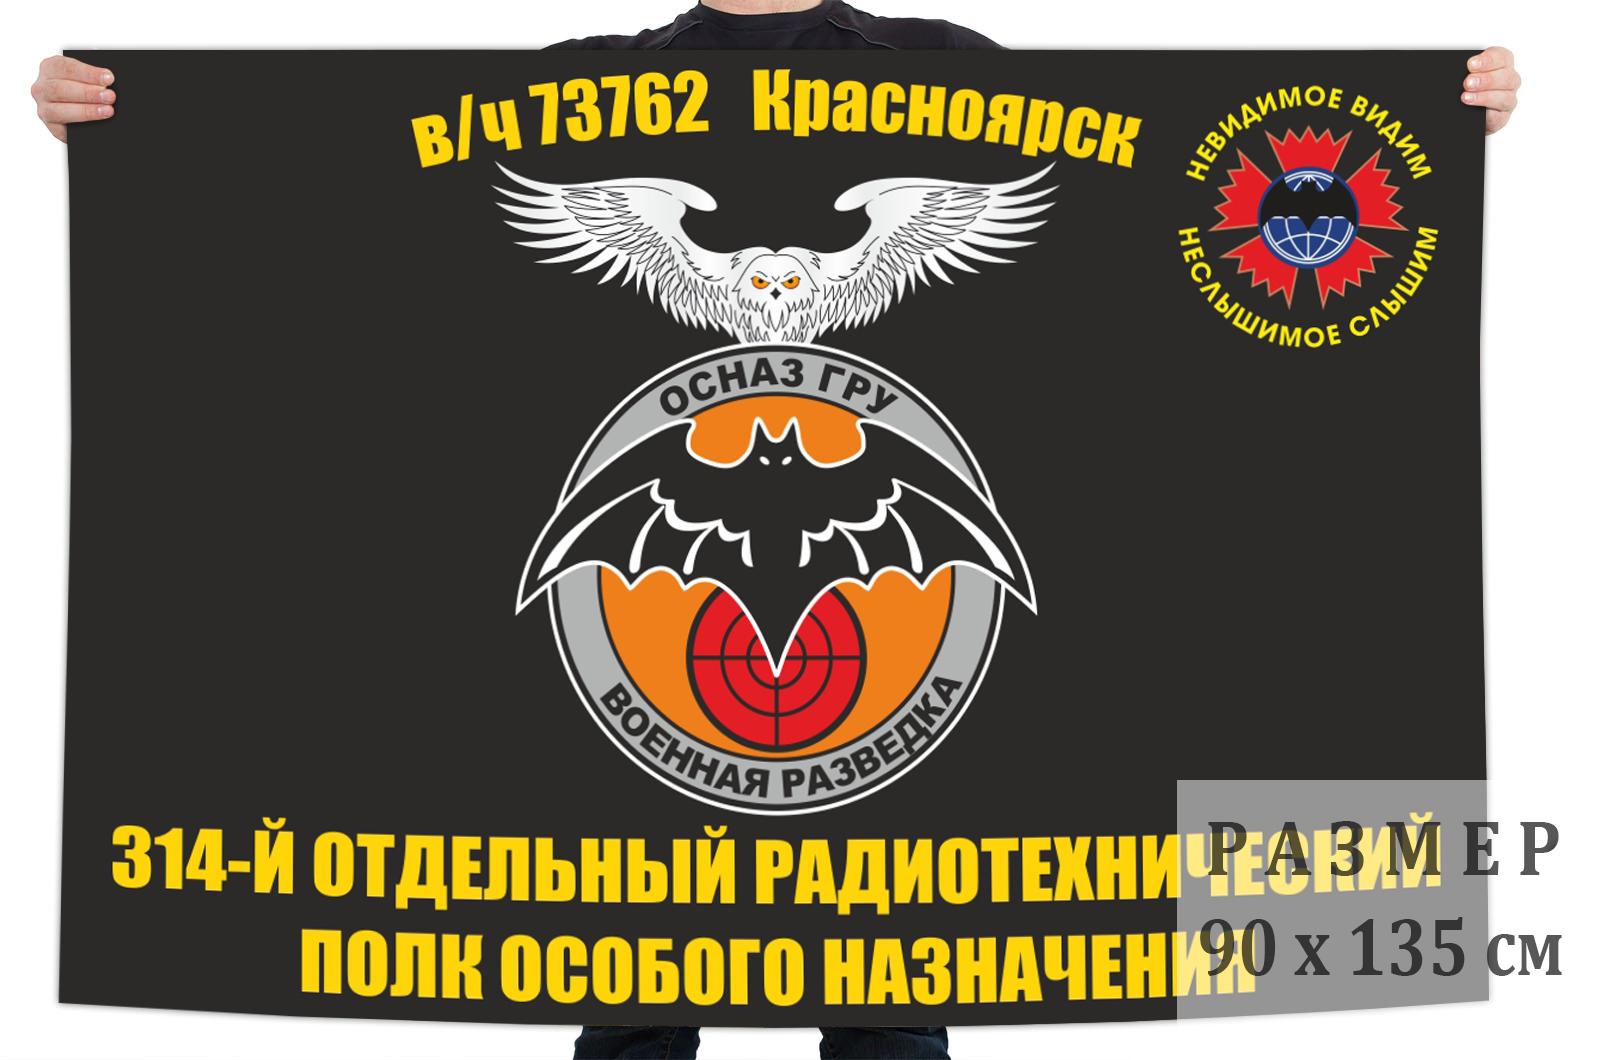 Флаг 314 отдельного радиотехнического полка особого назначения ГРУ